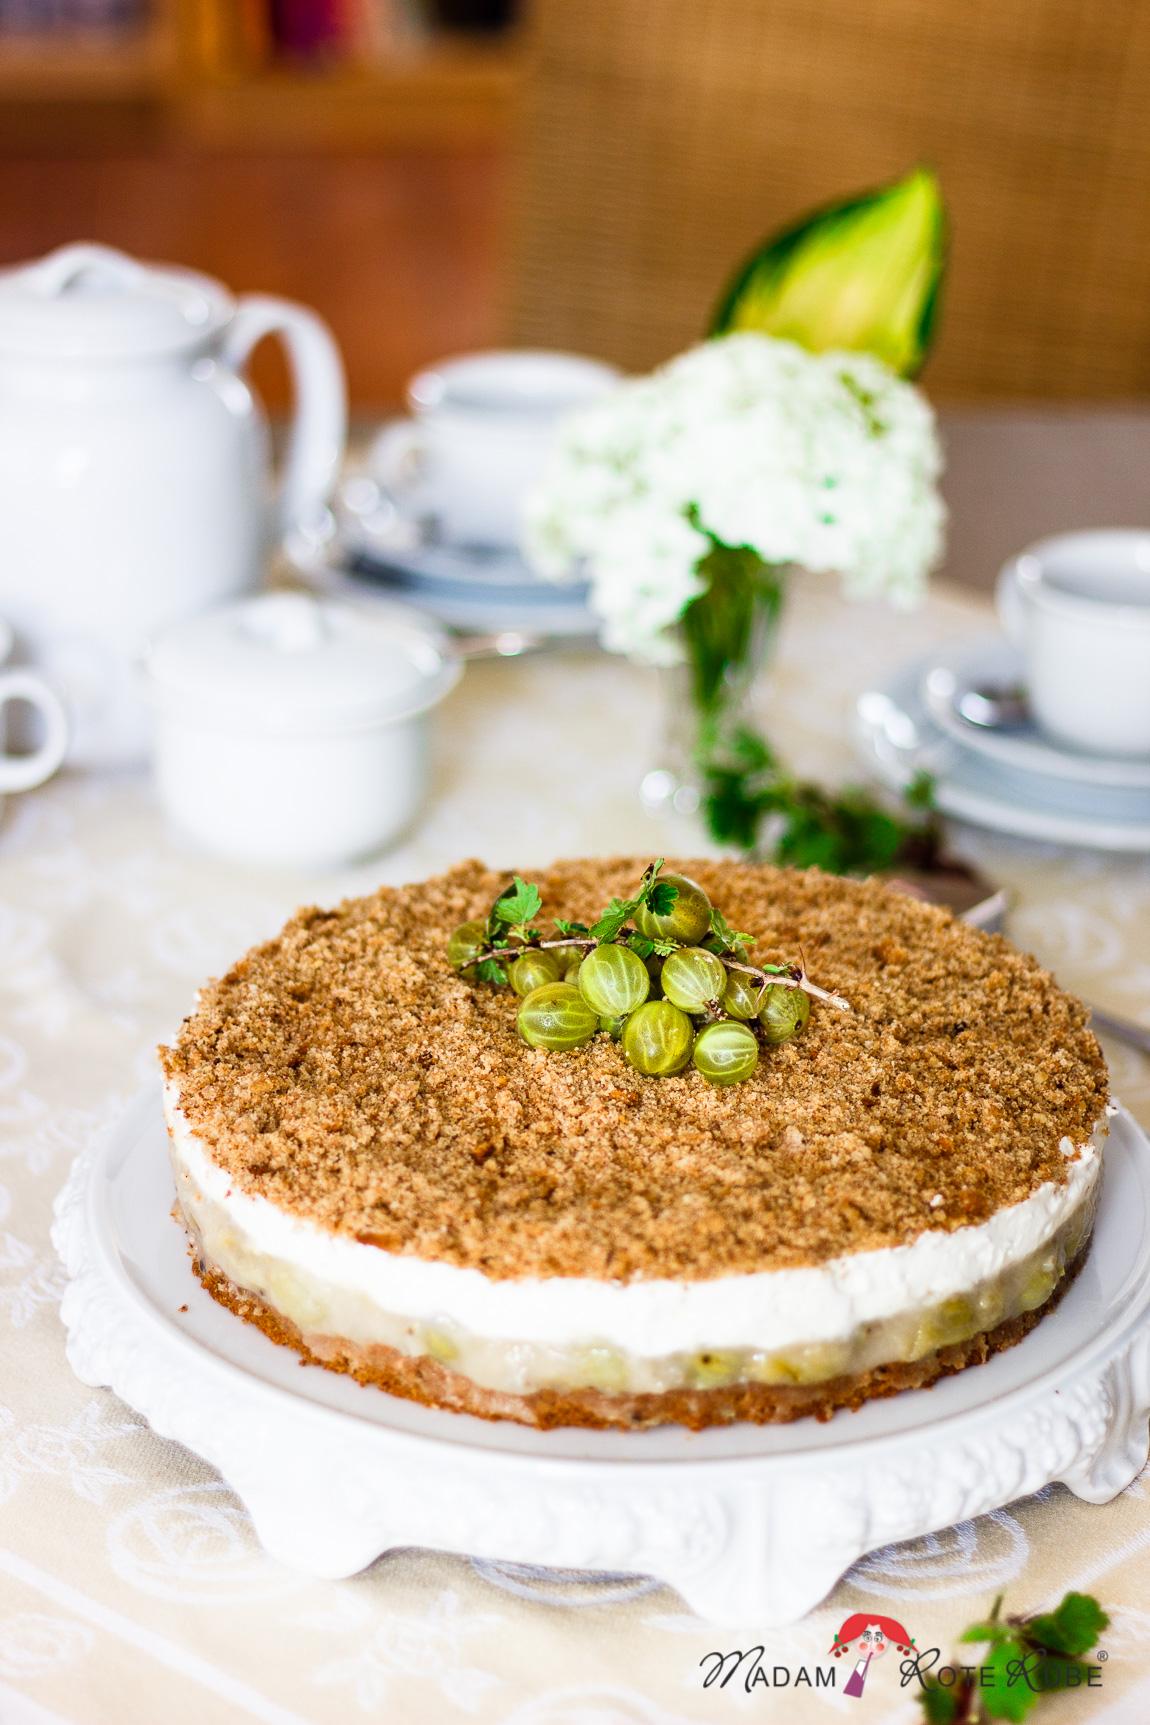 Madam Rote Rübe - Stachelbeer-Dinkelvollkorn-Torte mit Haselnusskrümel